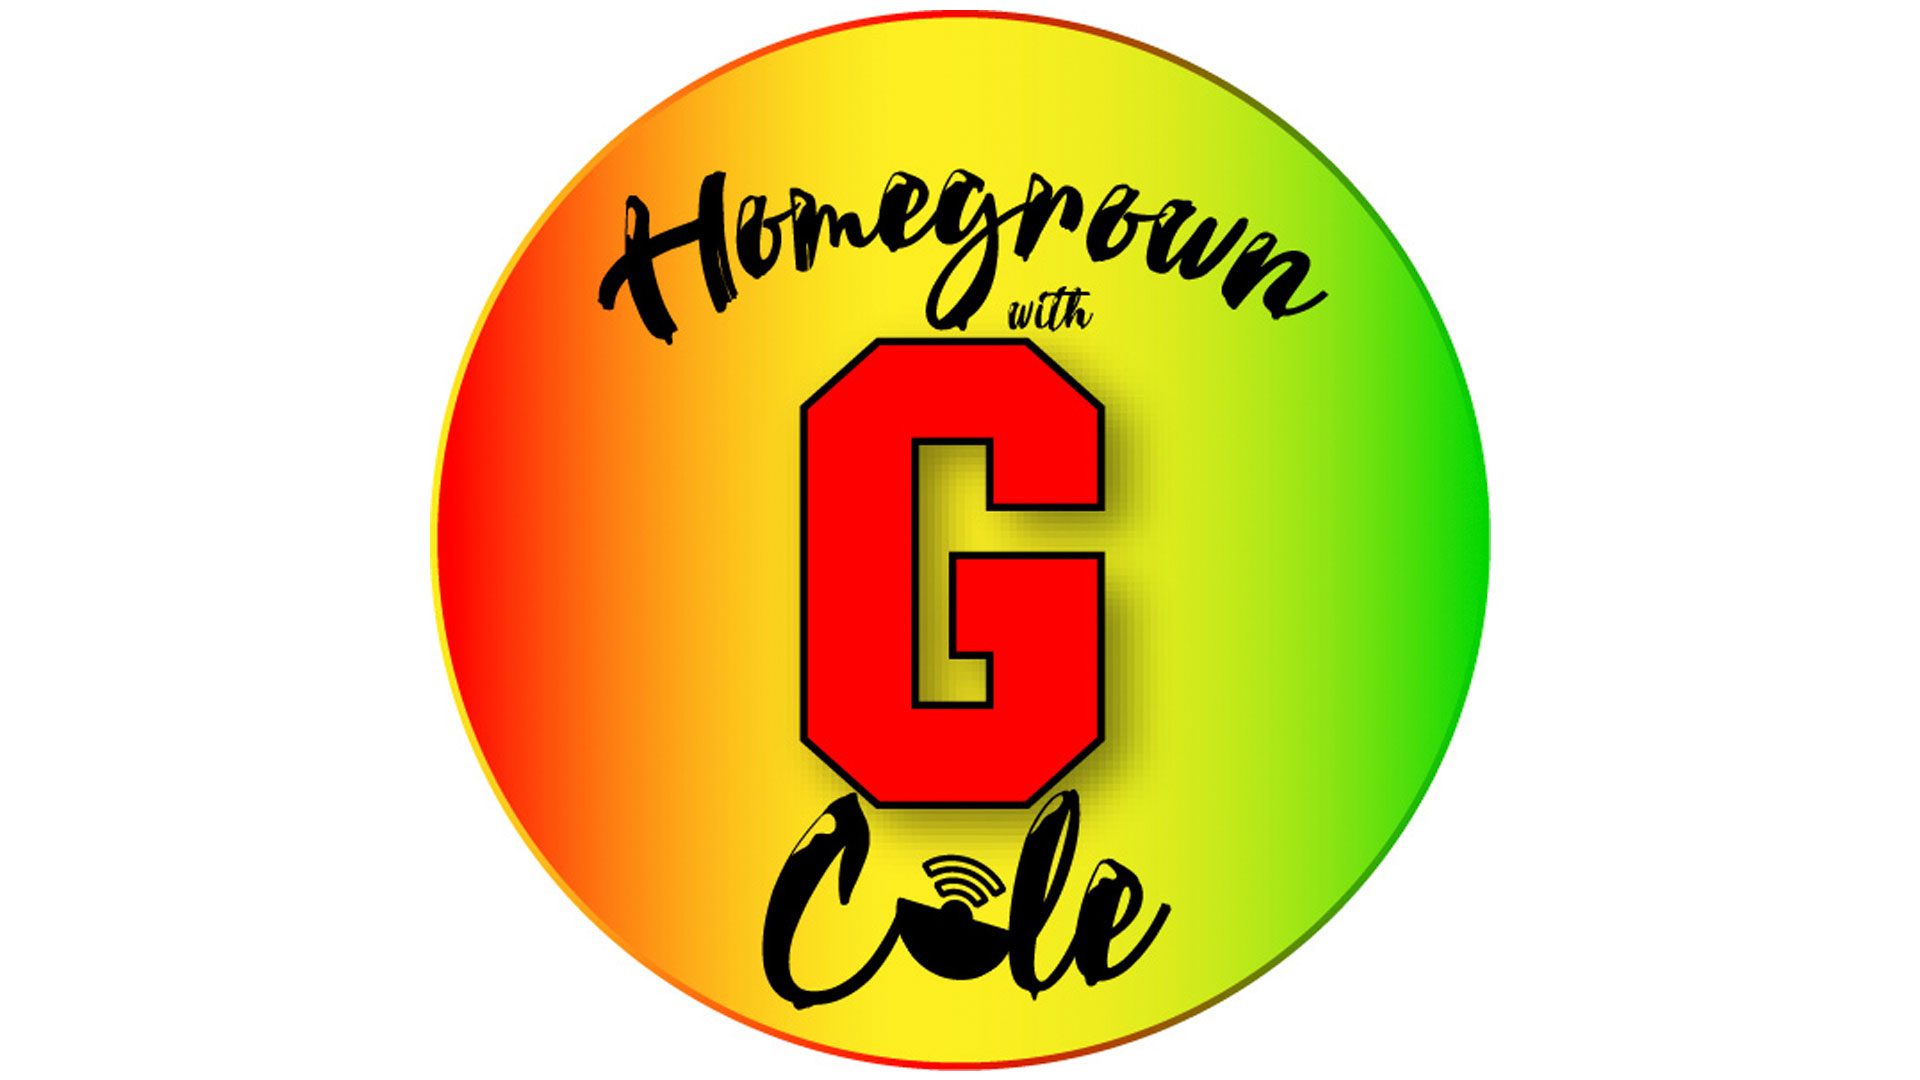 G Cole